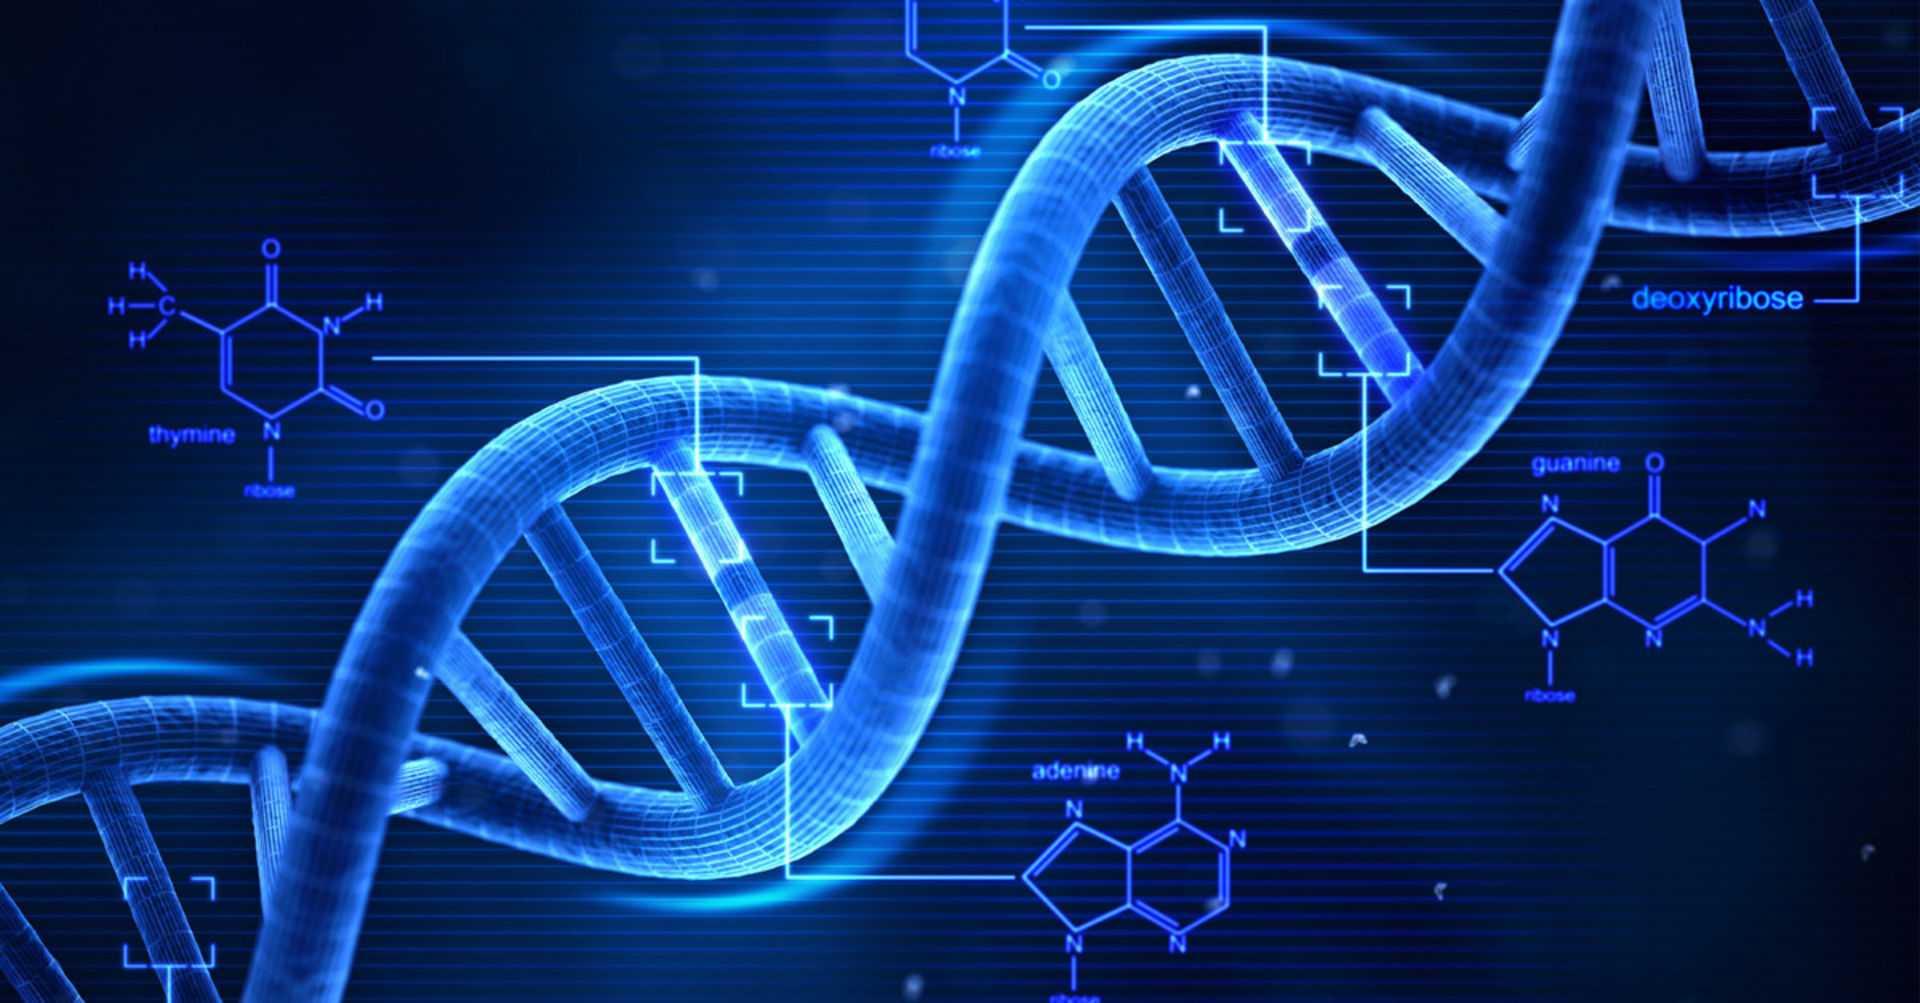 ДНК: ТОП 10 научных открытий